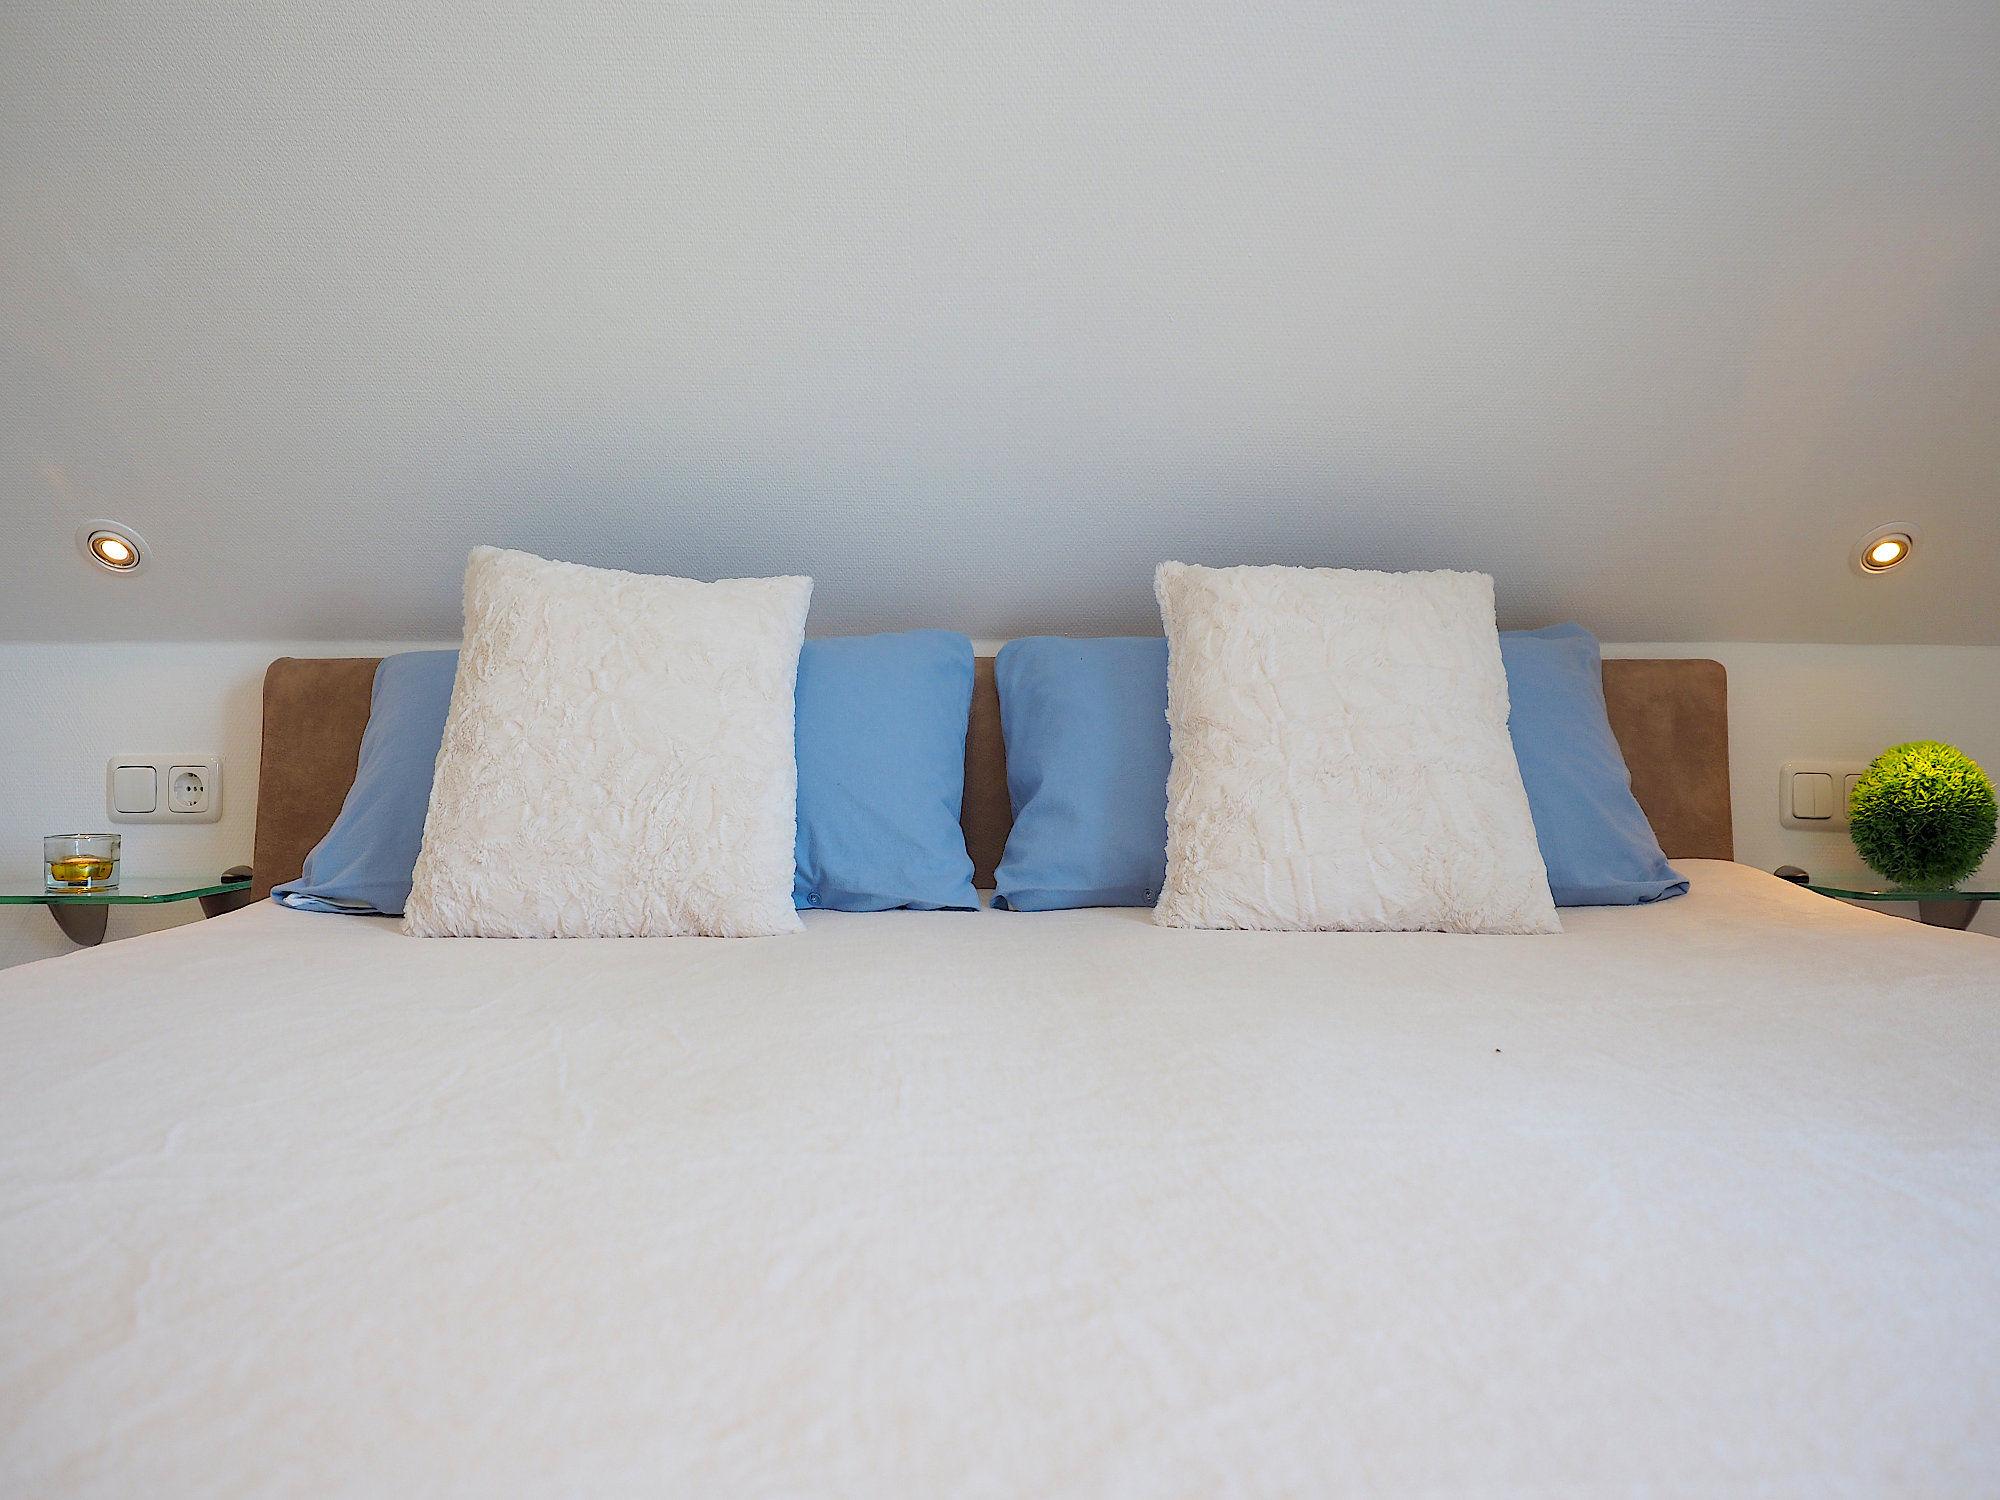 Schlafzimmer mit Doppelbett, Kopfteil mit Kissen